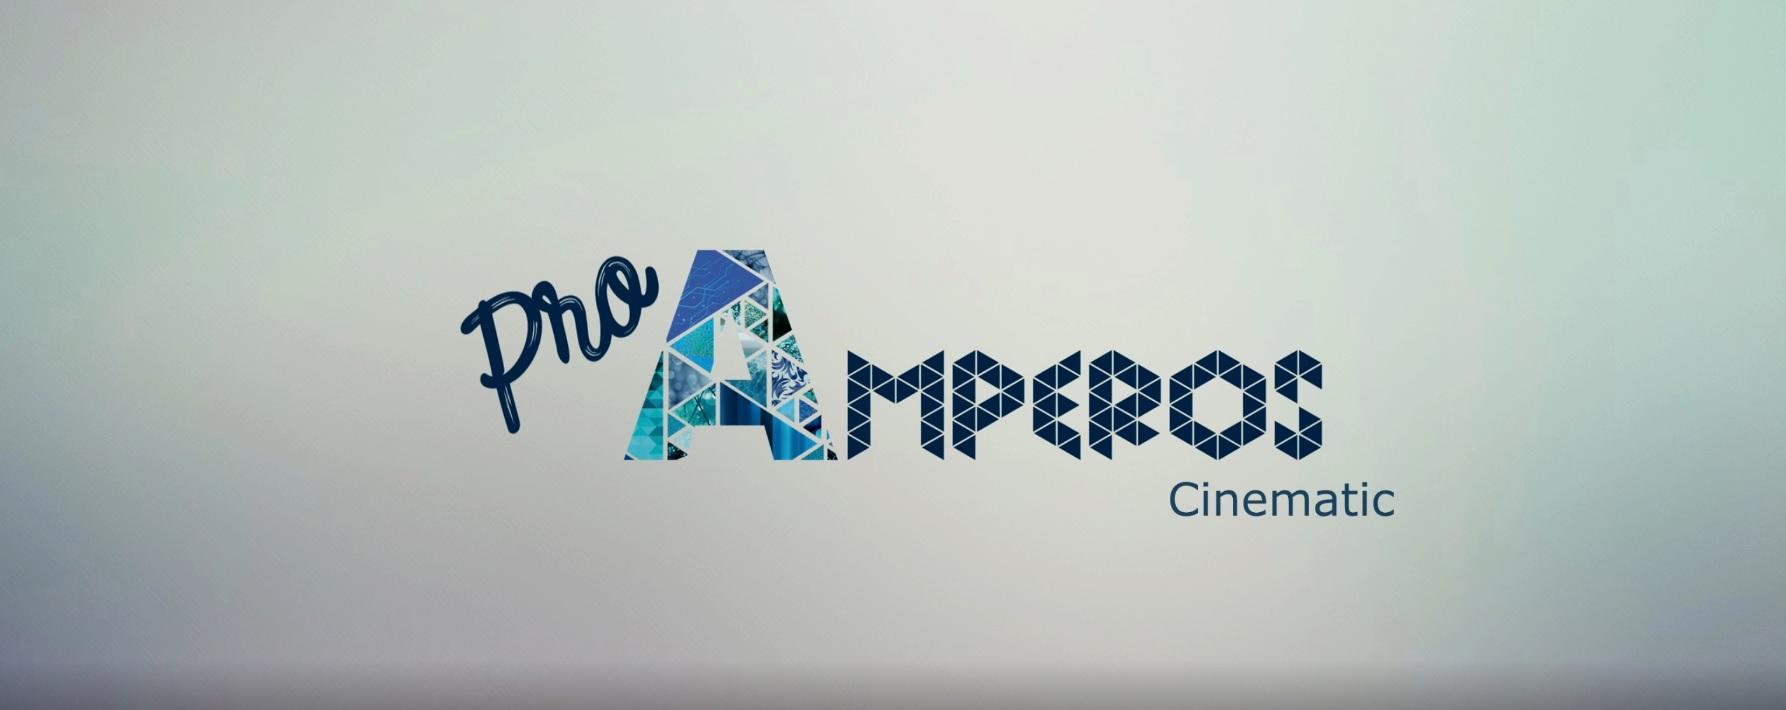 ¿Qué es Pro Amperos Cinematic?